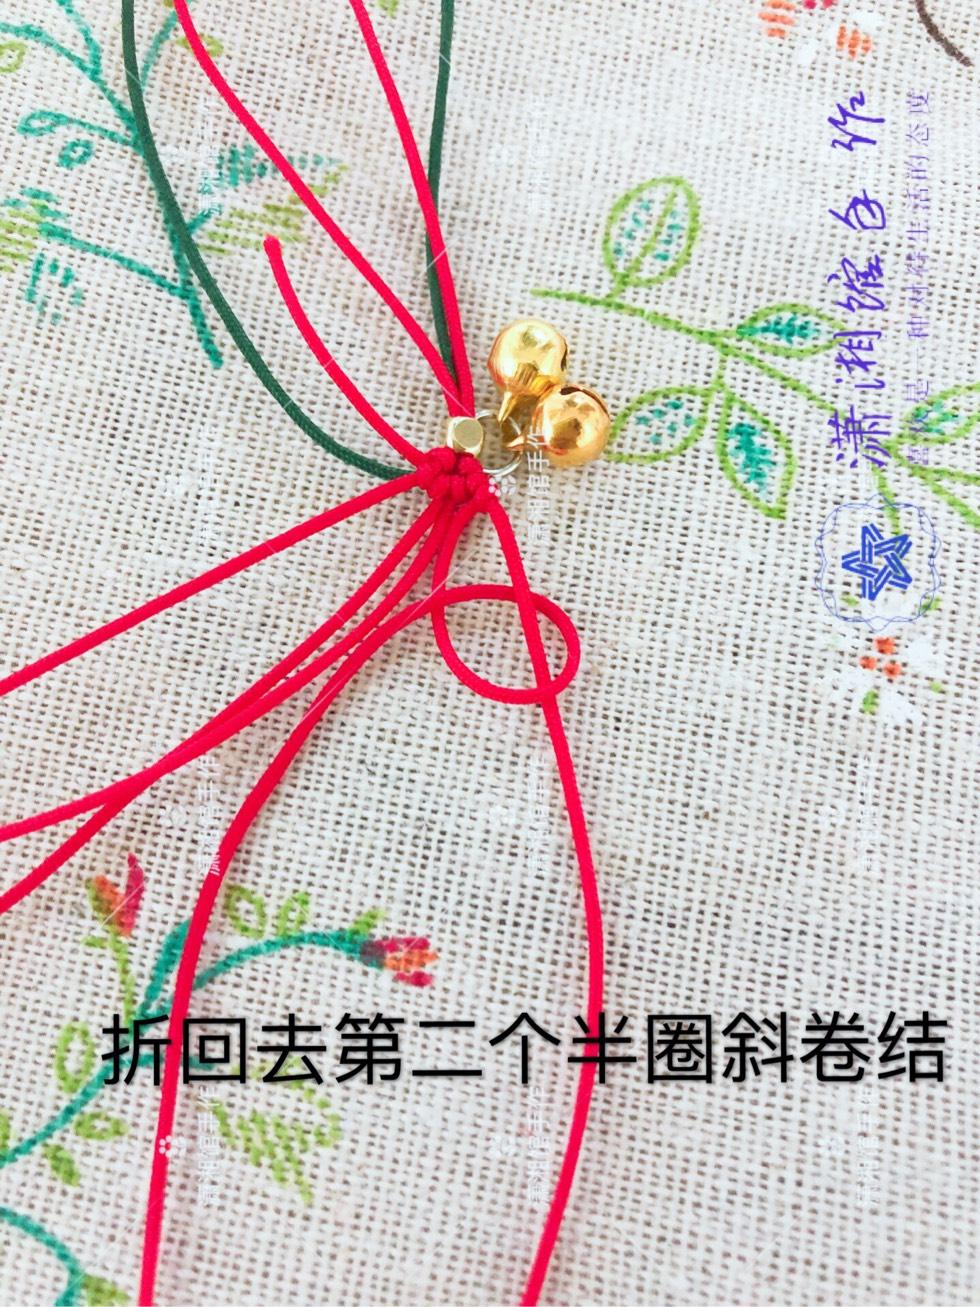 中国结论坛 圣诞节蝴蝶结手链  图文教程区 114830k44znze7n4nrw21w